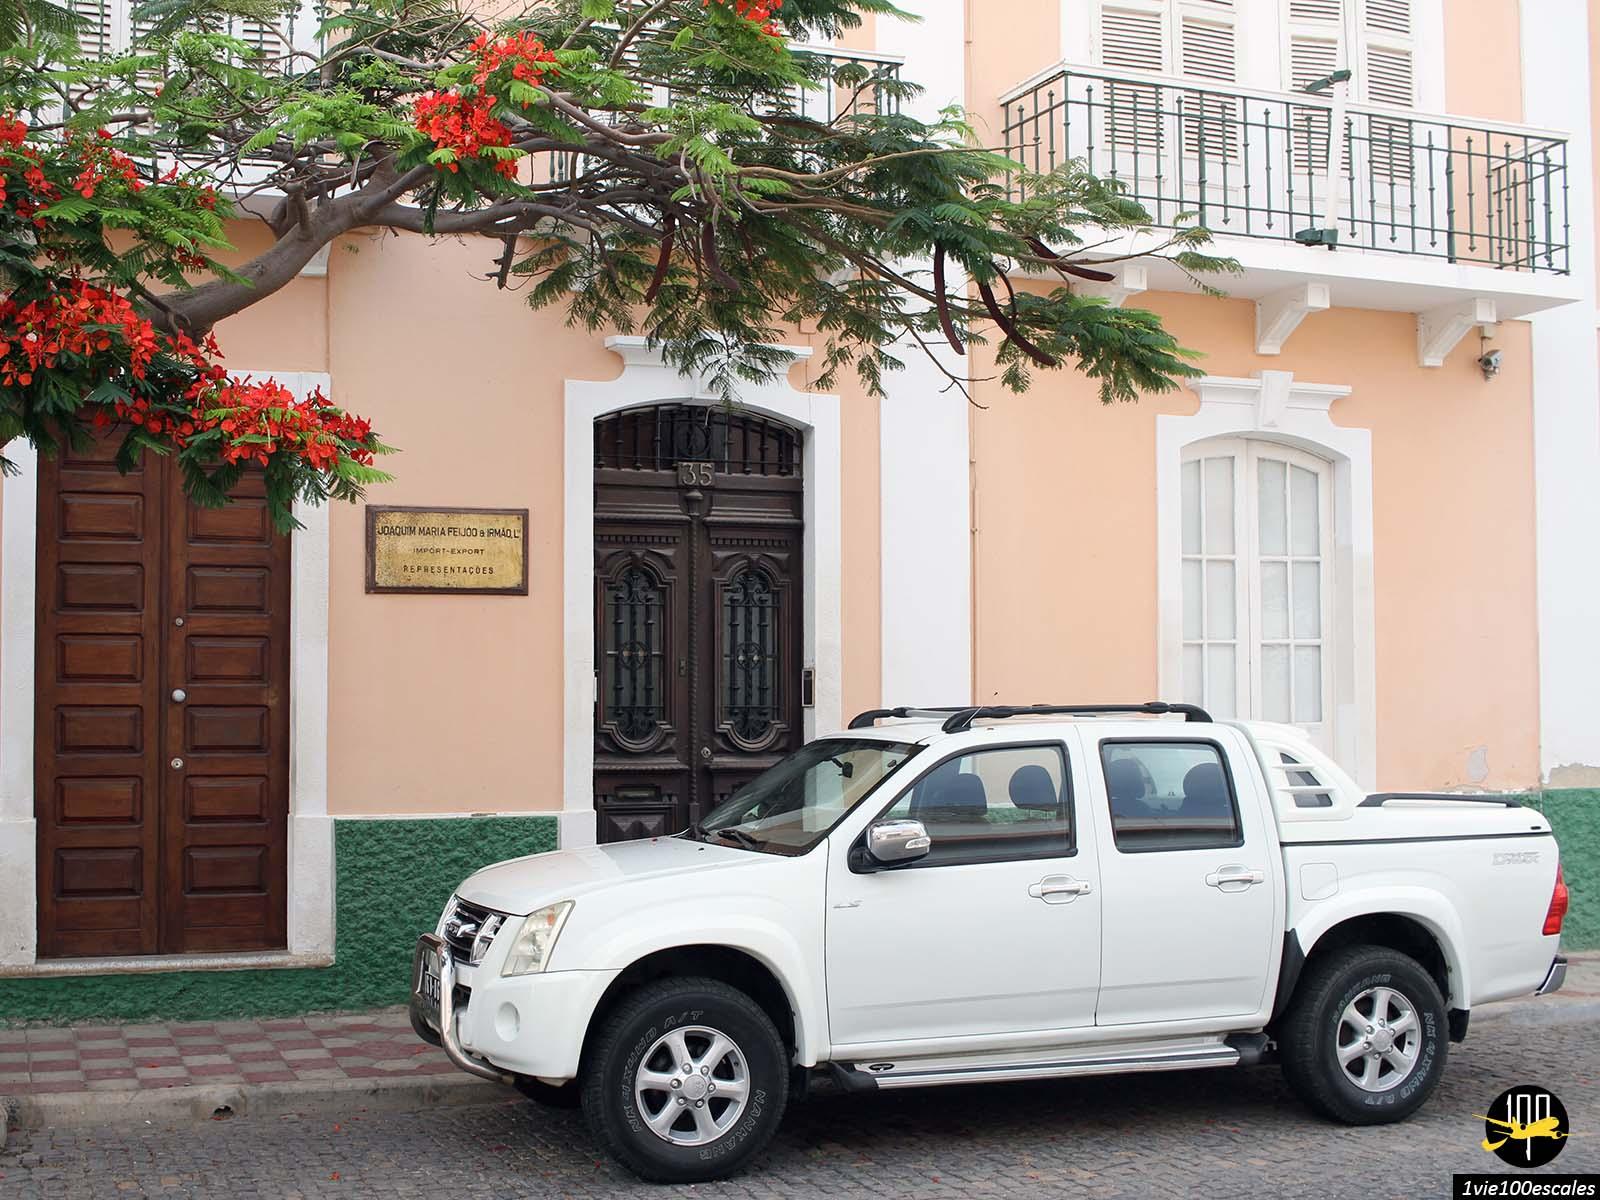 Les beaux arbres fleuris dans les rues de Mindelo sur l'île de Sao Vicente